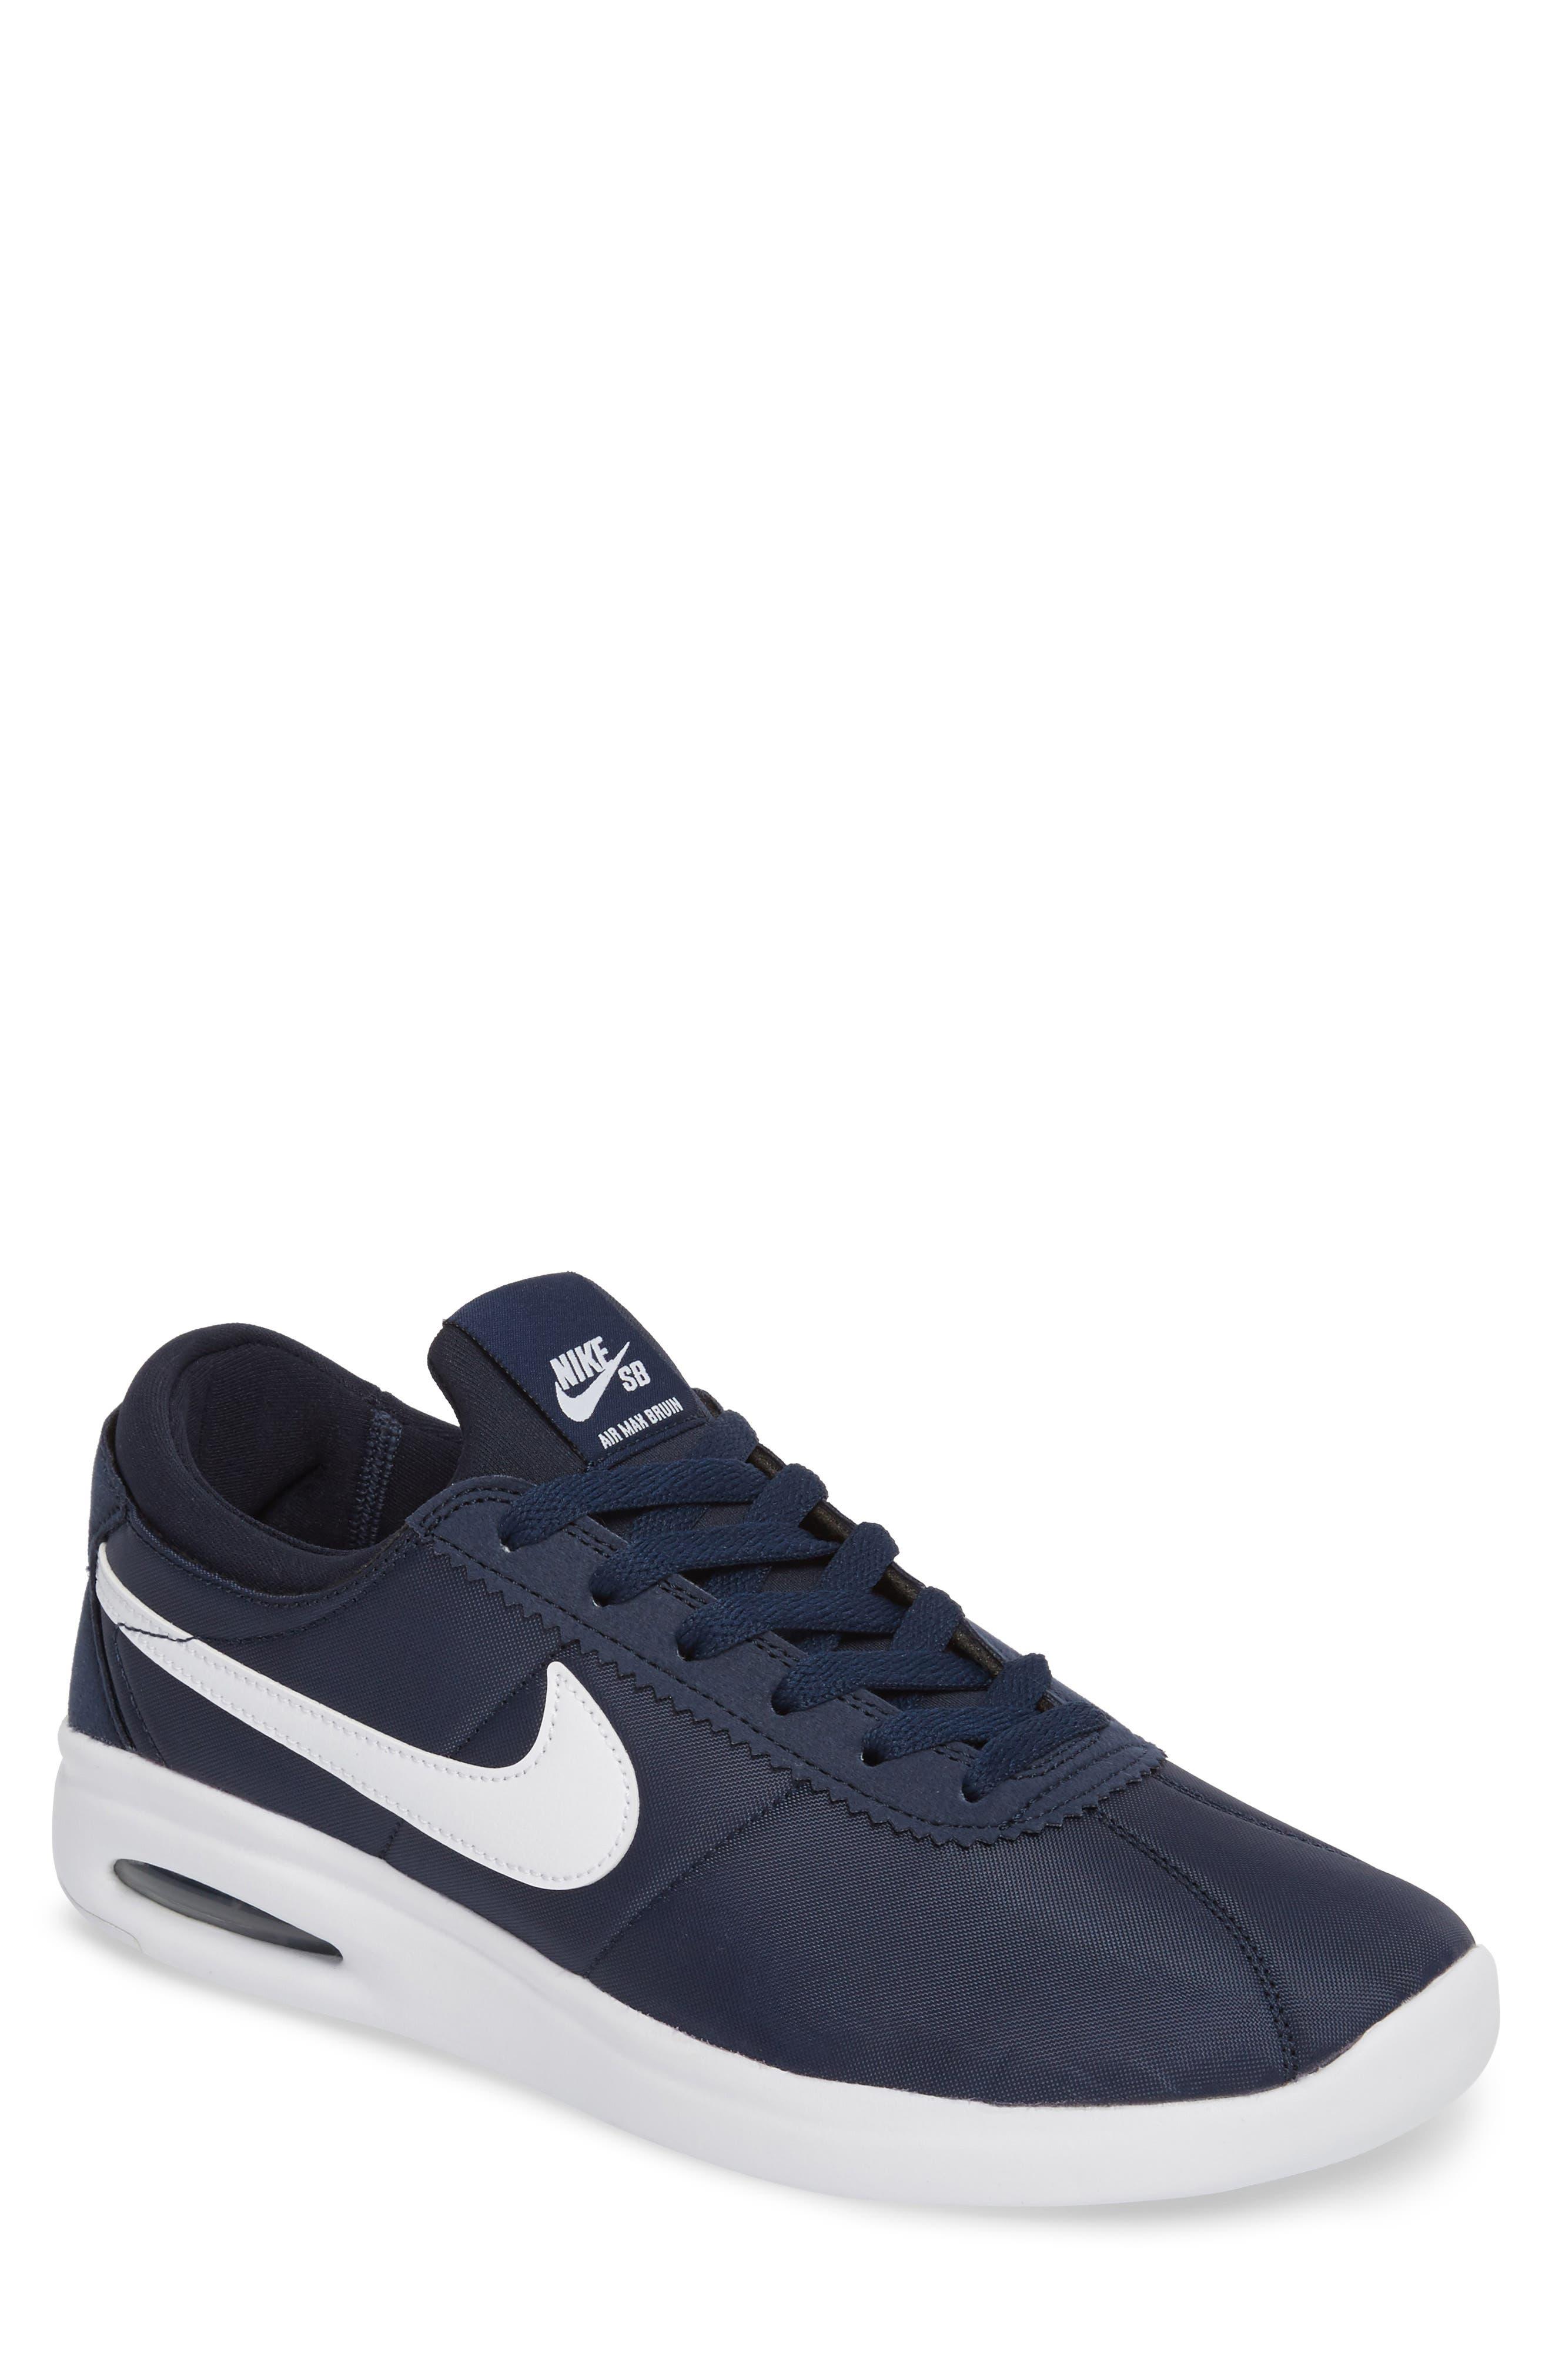 Nike SB Air Max Bruin Vapor TXT Skateboarding Sneaker (Men)